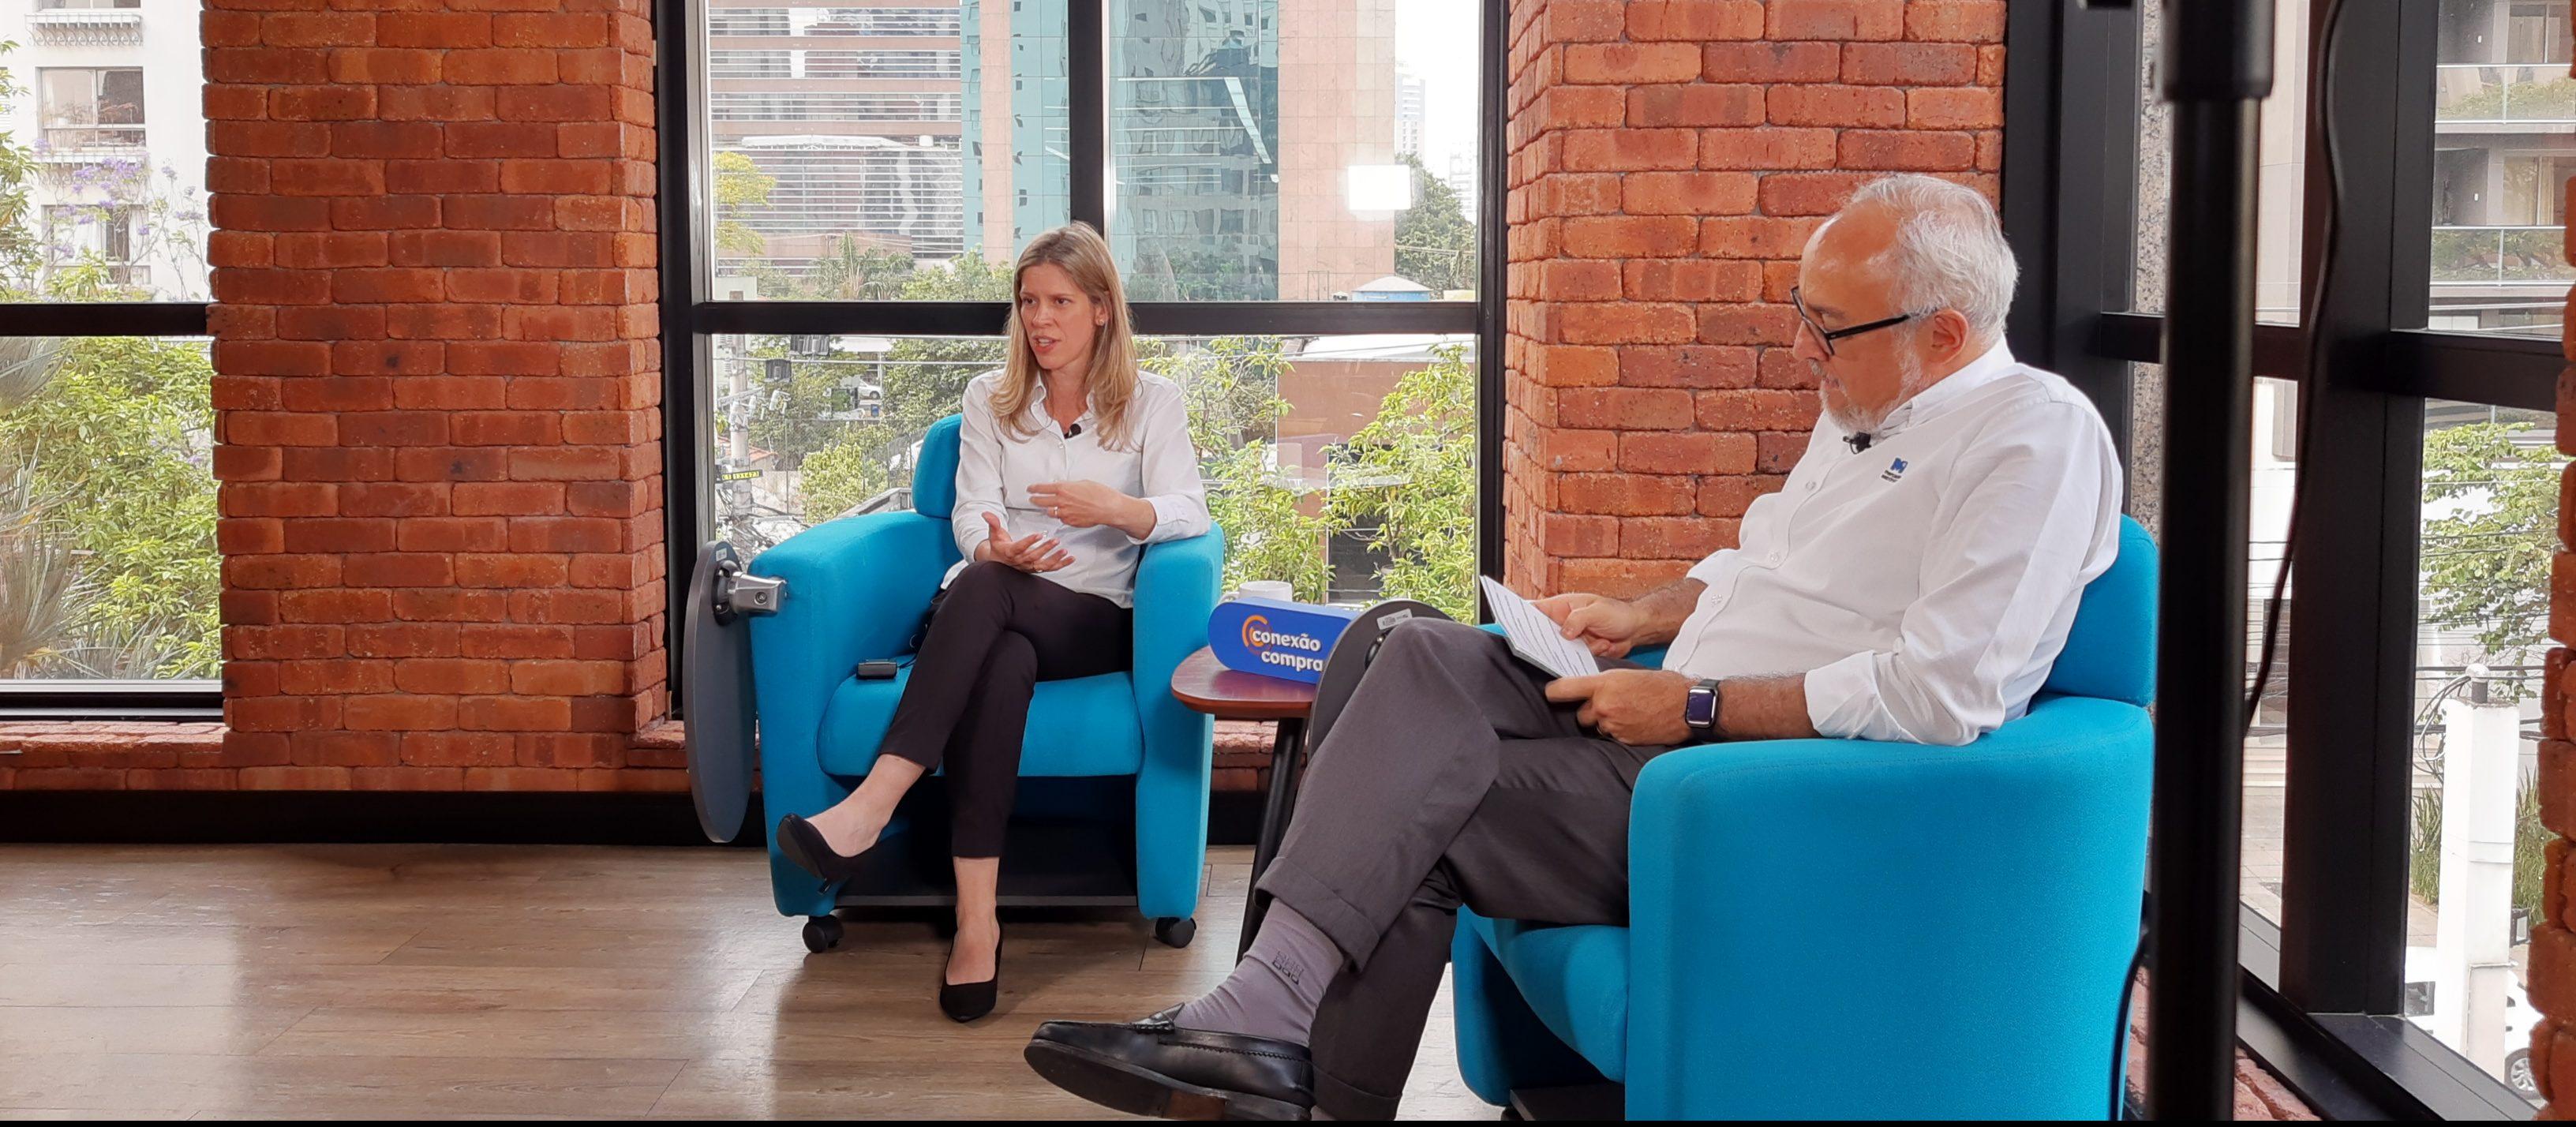 Conexão compras aborda o cenário de compras 4.0 no brasil e no mundo